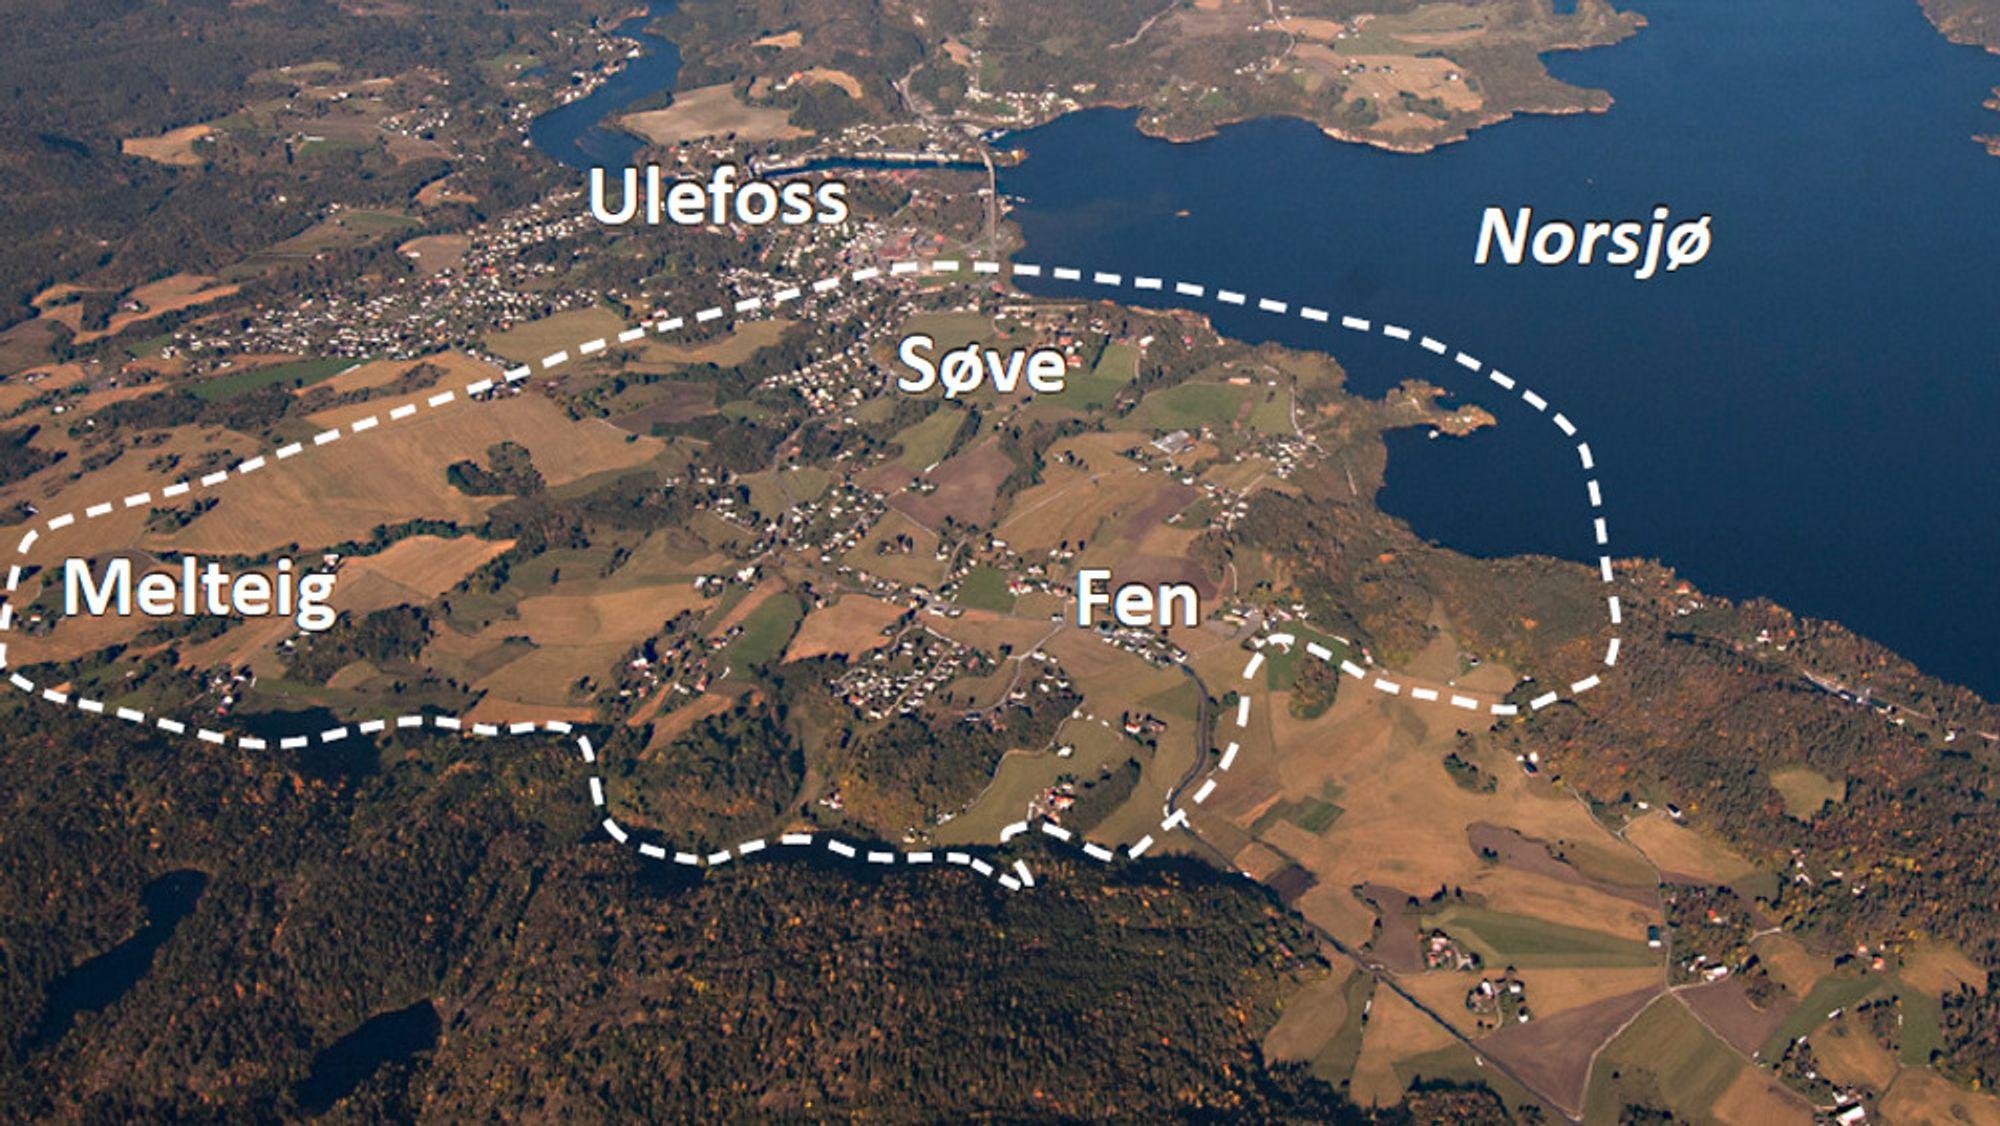 Fensfeltet i Telemark kan ha enormt mye thorium og sjeldne jordartsmetaller. Regiongeologen vil bore to 1000 meter dype hull for å finne ut hvor mye. Hvor hullene eventuelt skal bores, er ennå ikke bestemt.